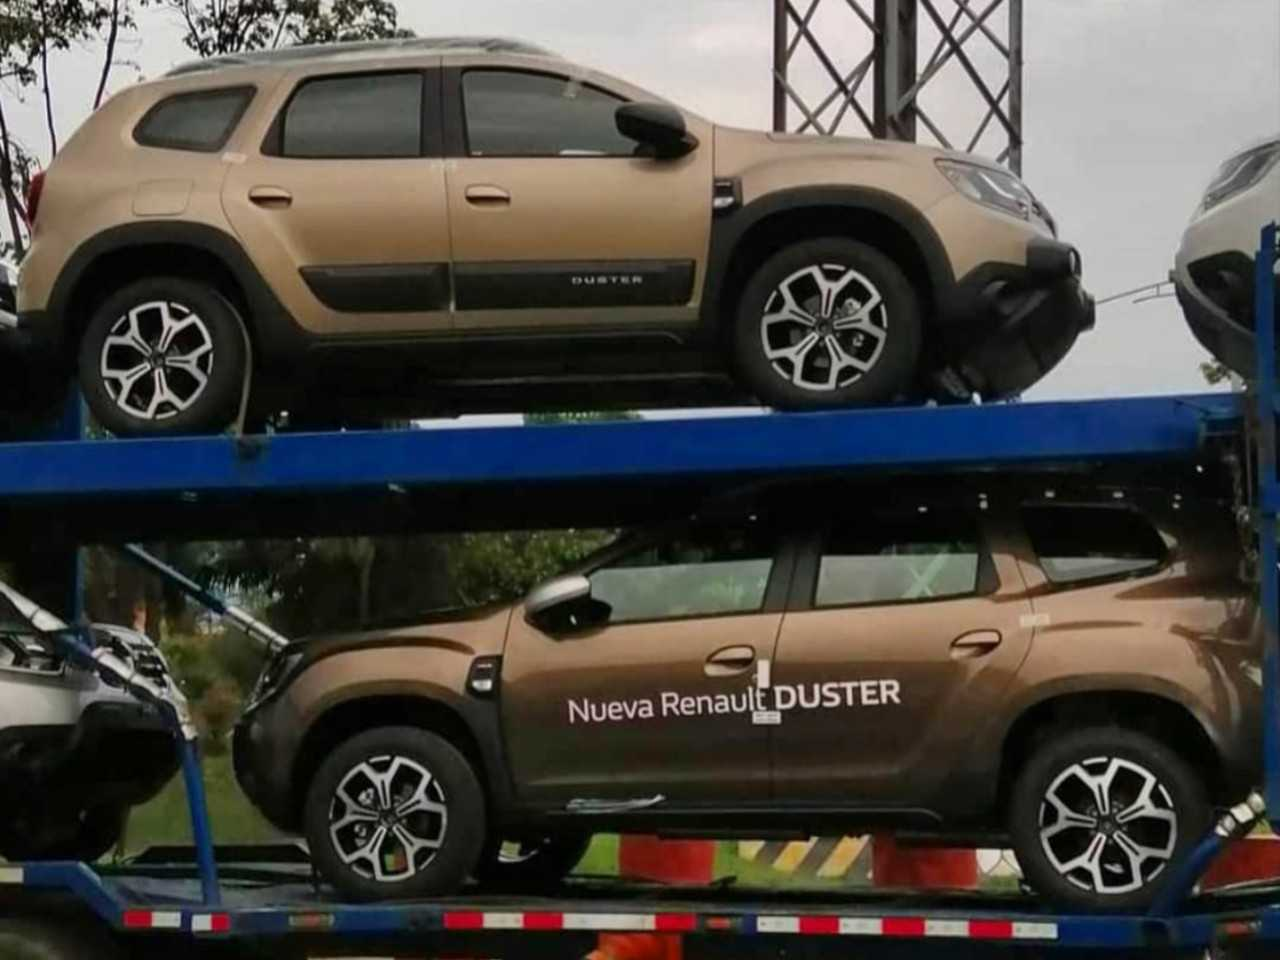 Flagra mostra o novo Renault Duster turbo saindo da fábrica na Colômbia